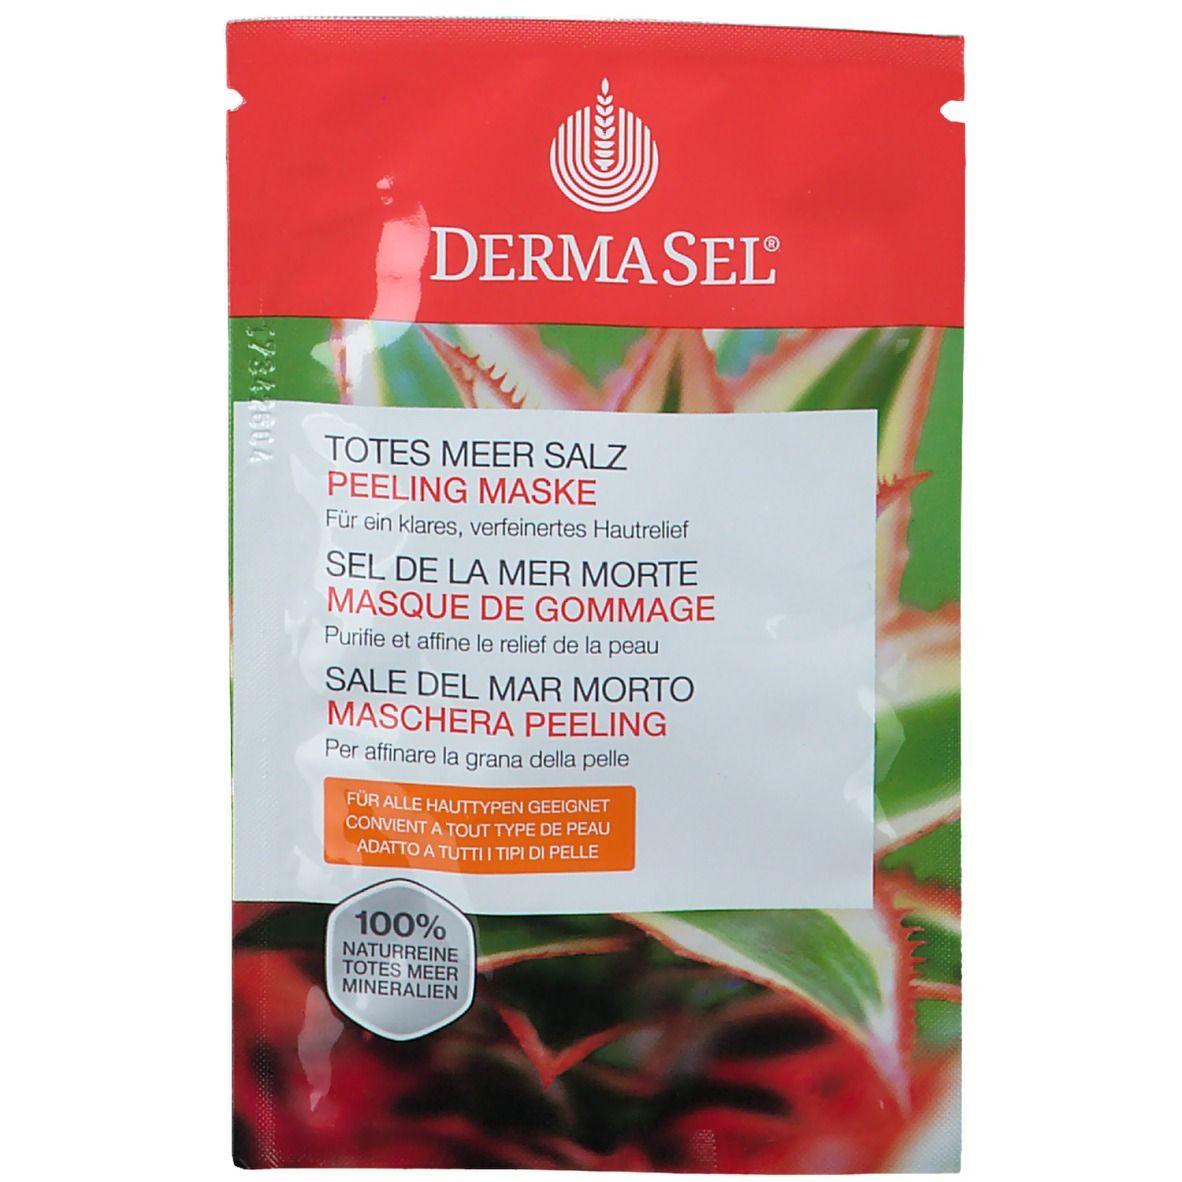 DermaSel® Masque de Gommage ml masque(s) pour le visage